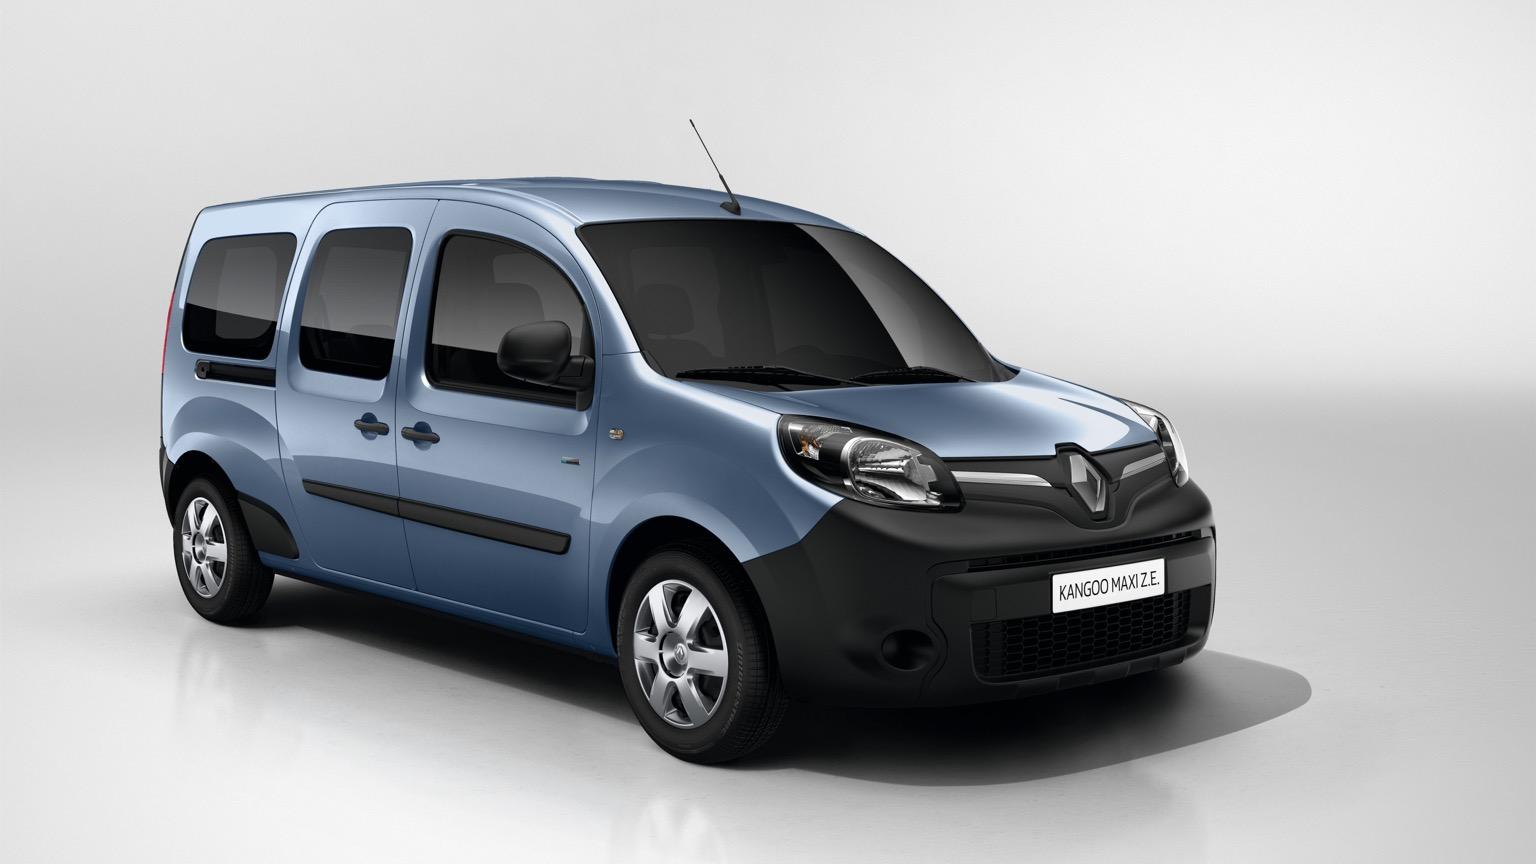 Renault Kangoo Crew Van Ze33 Price And Specifications Ev Database